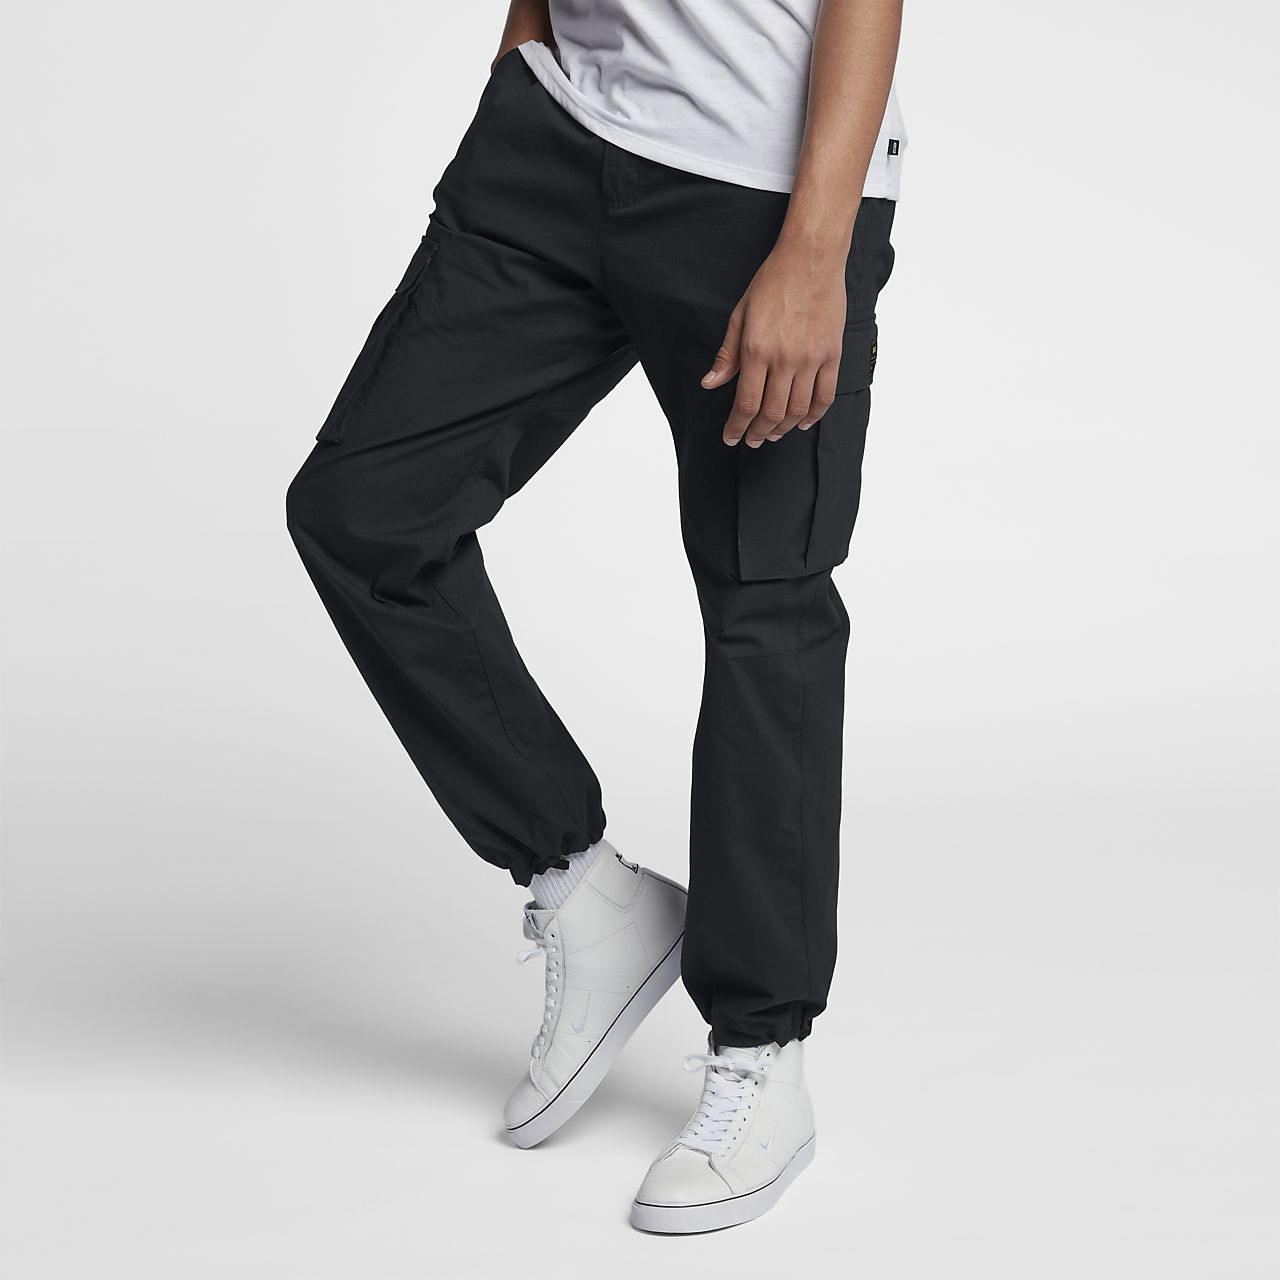 432956c4b43a Nike SB Flex FTM Men s Skate Cargo Trousers. Nike.com RO